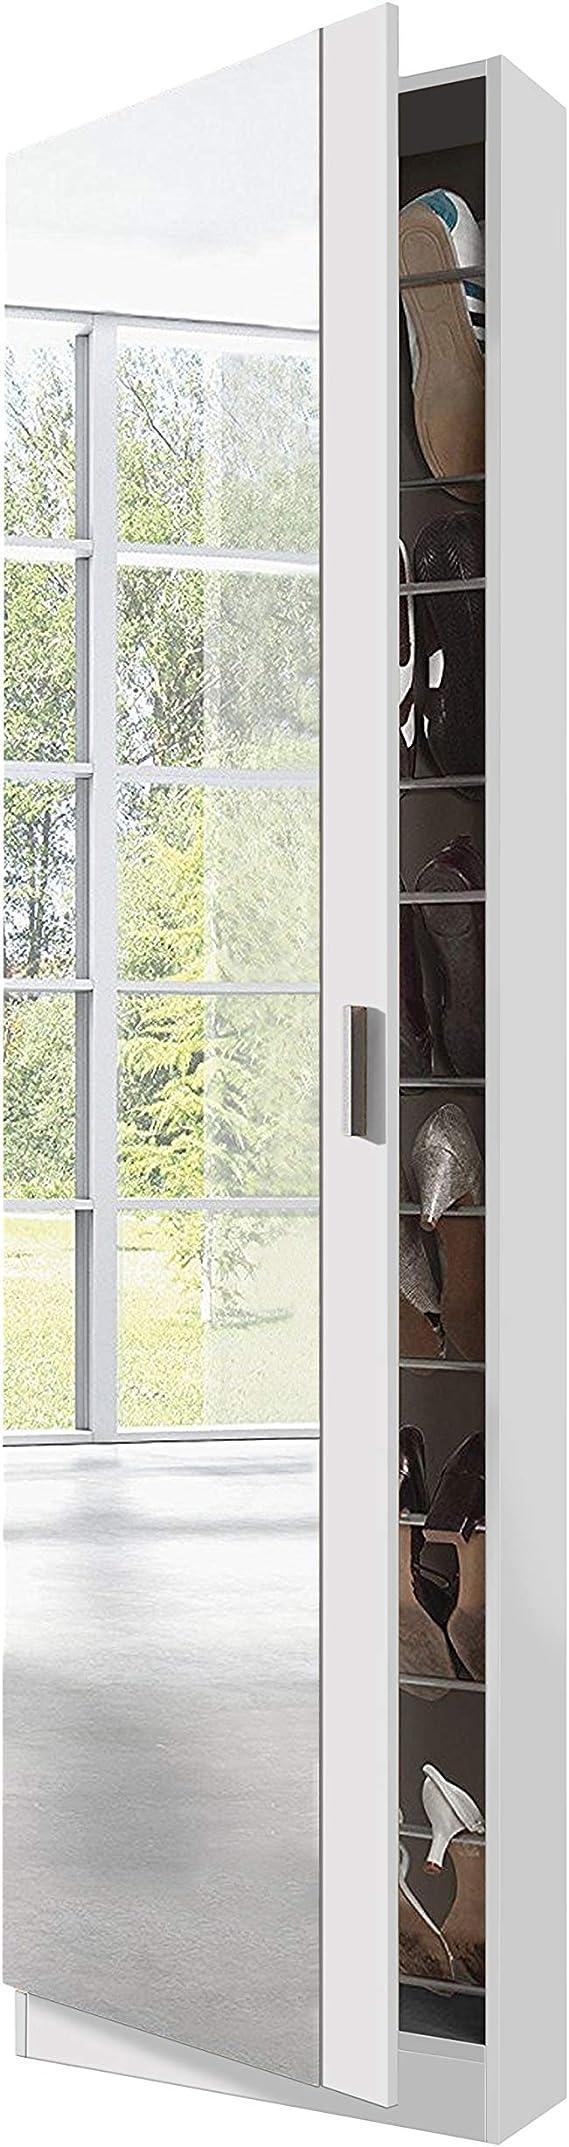 Habitdesign 007866BO - Armario zapatero con espejo, color Blanco ...